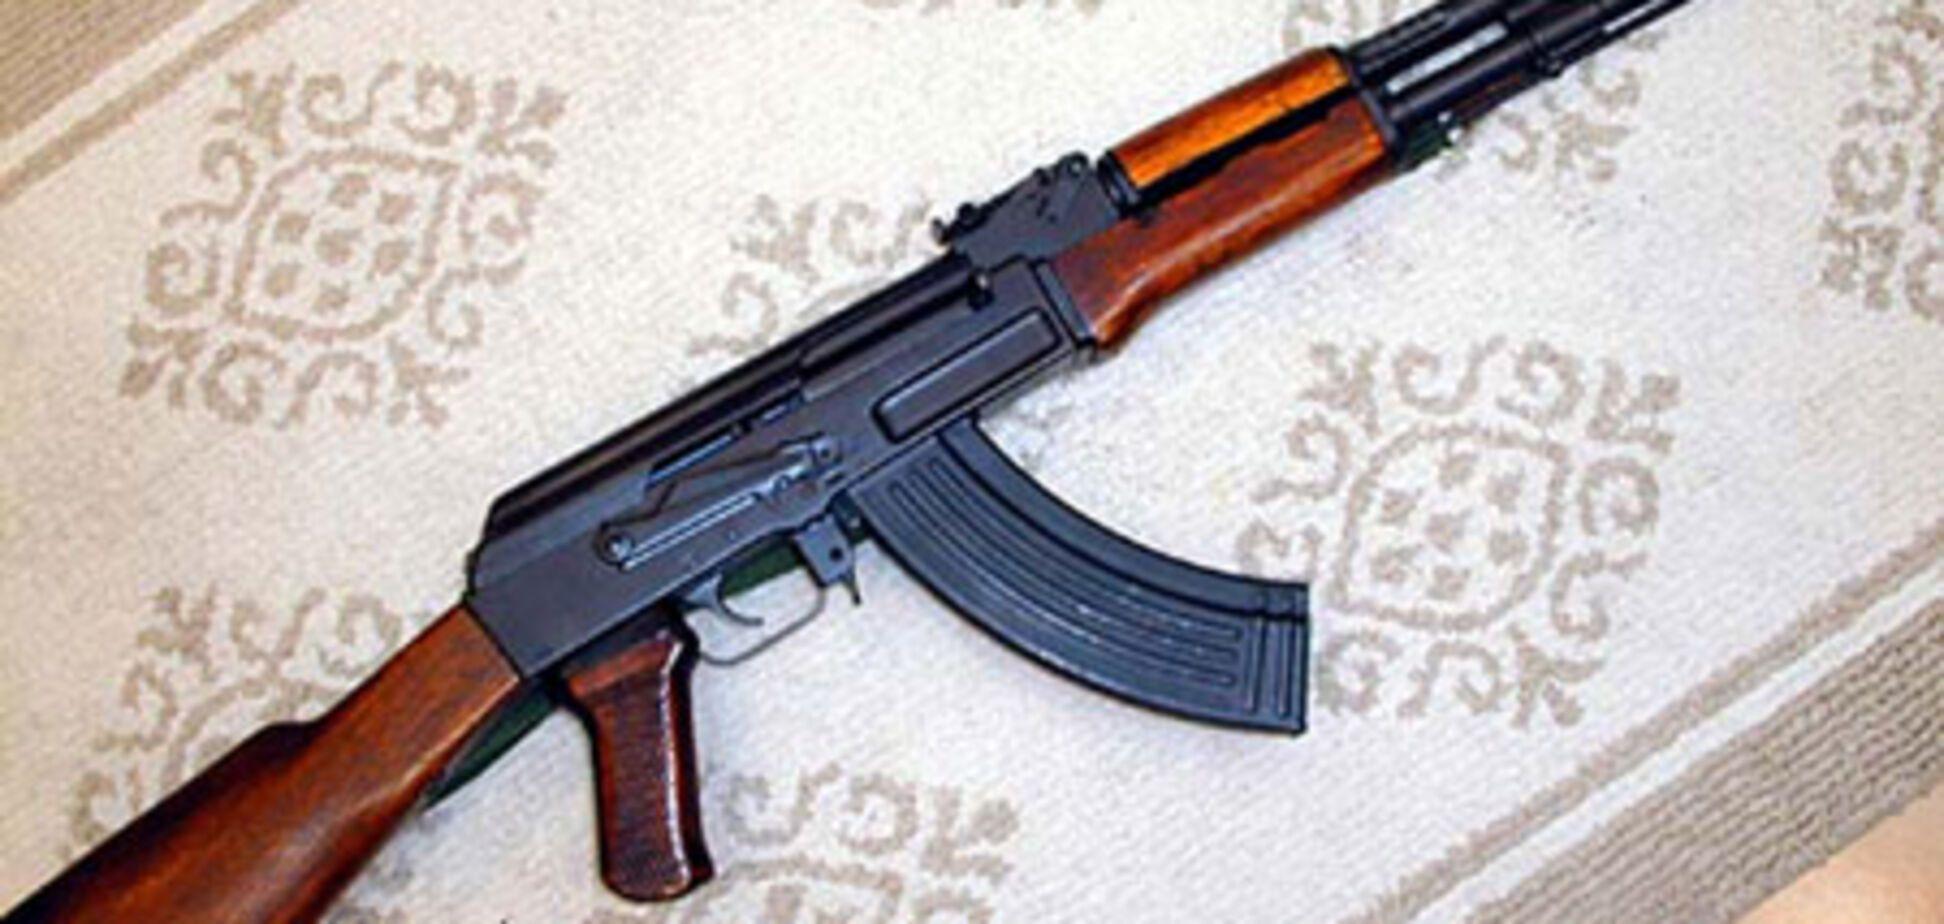 Милиция обнаружила у членов ВО «Тризуб» арсенал оружия